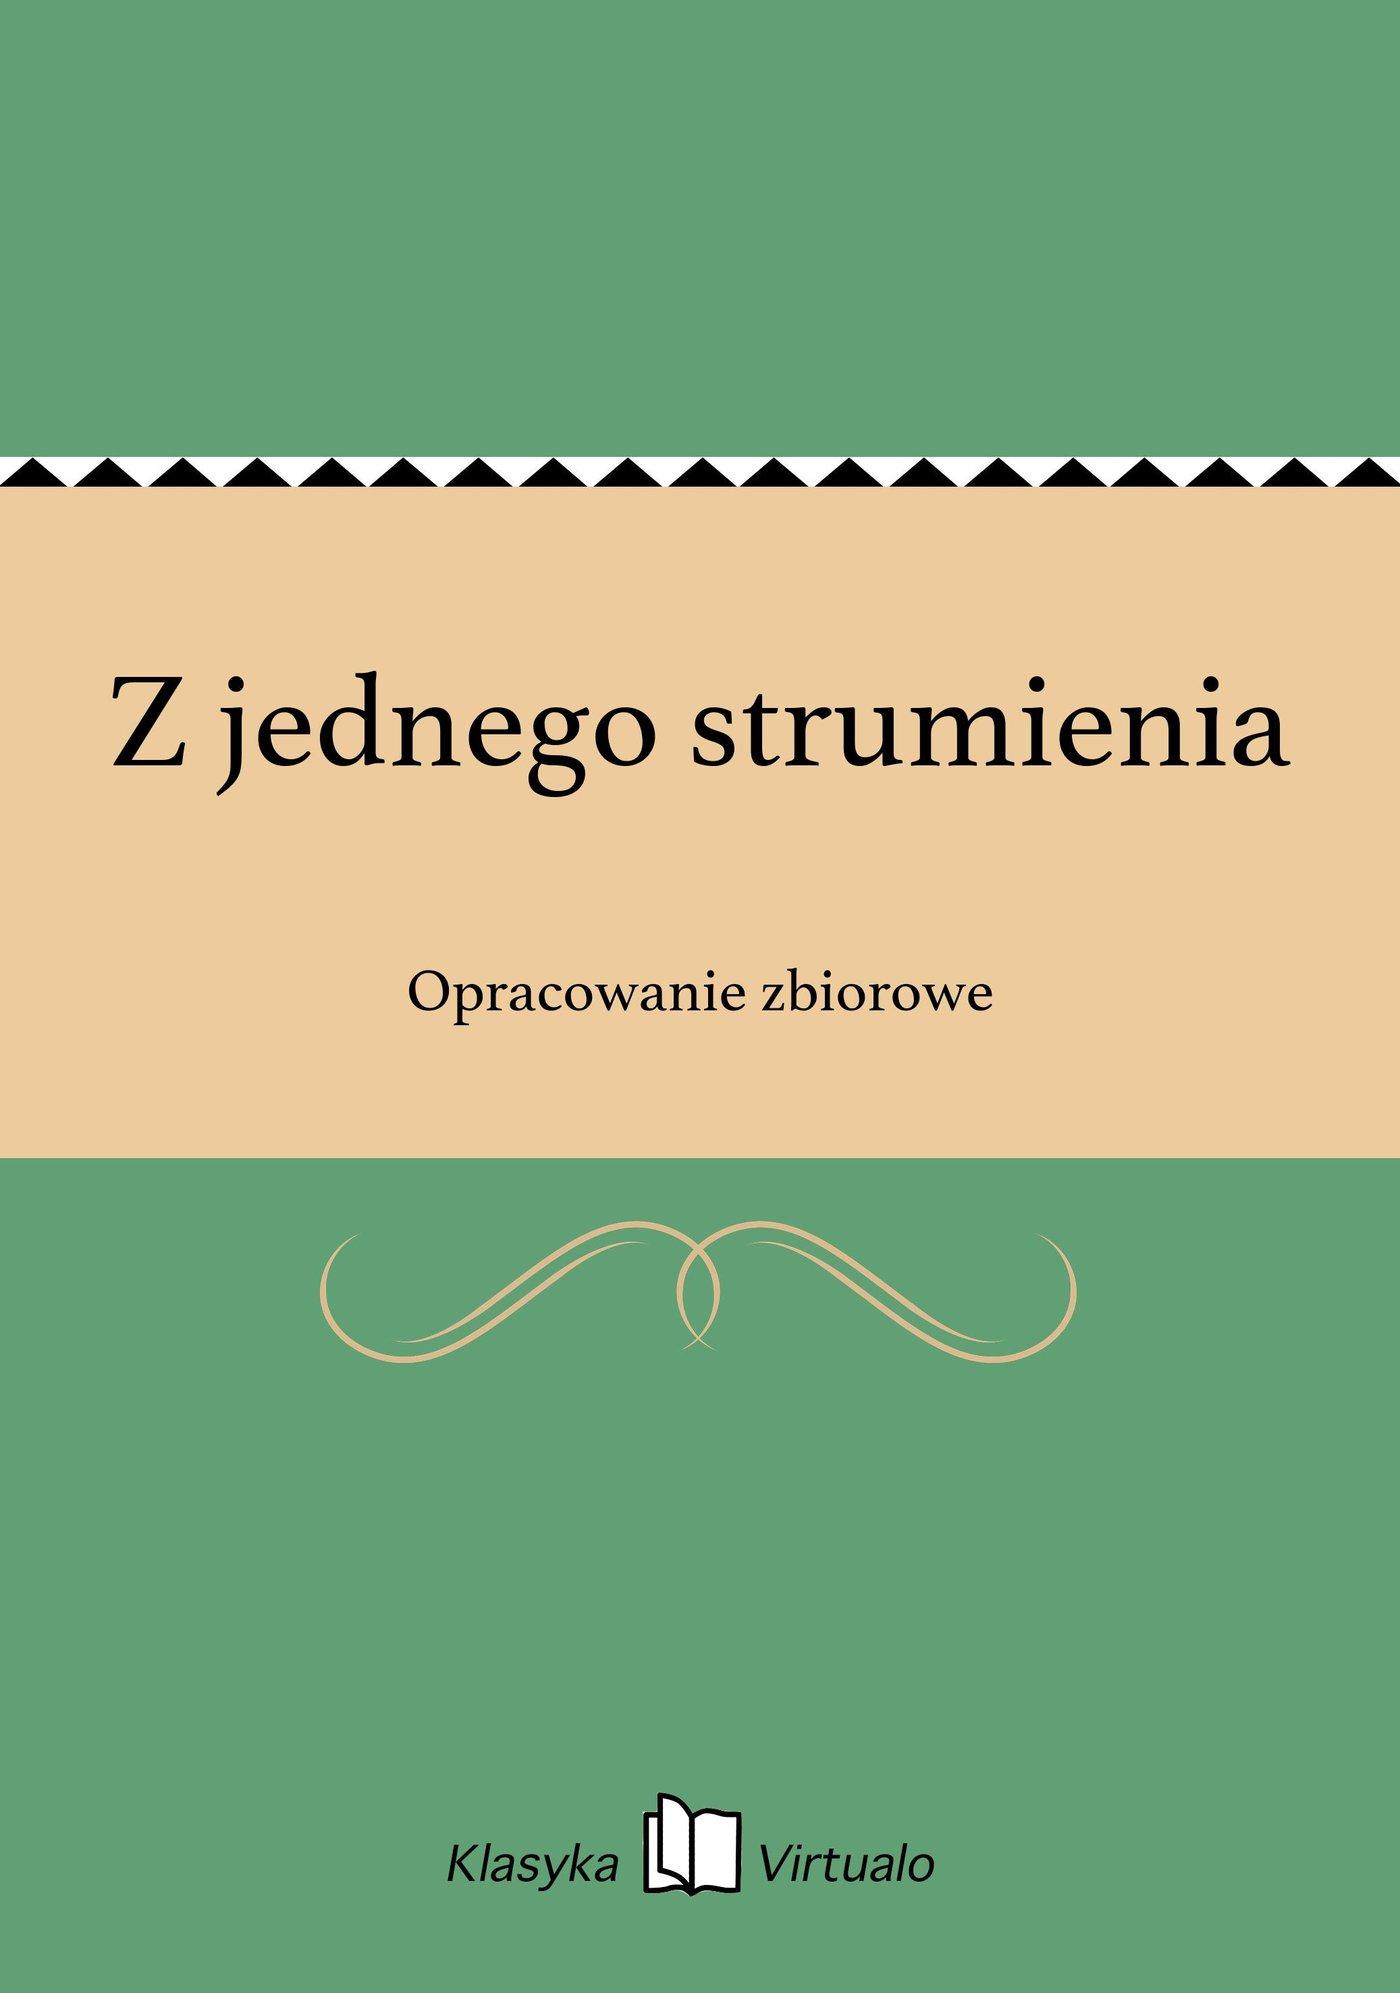 Z jednego strumienia - Ebook (Książka EPUB) do pobrania w formacie EPUB